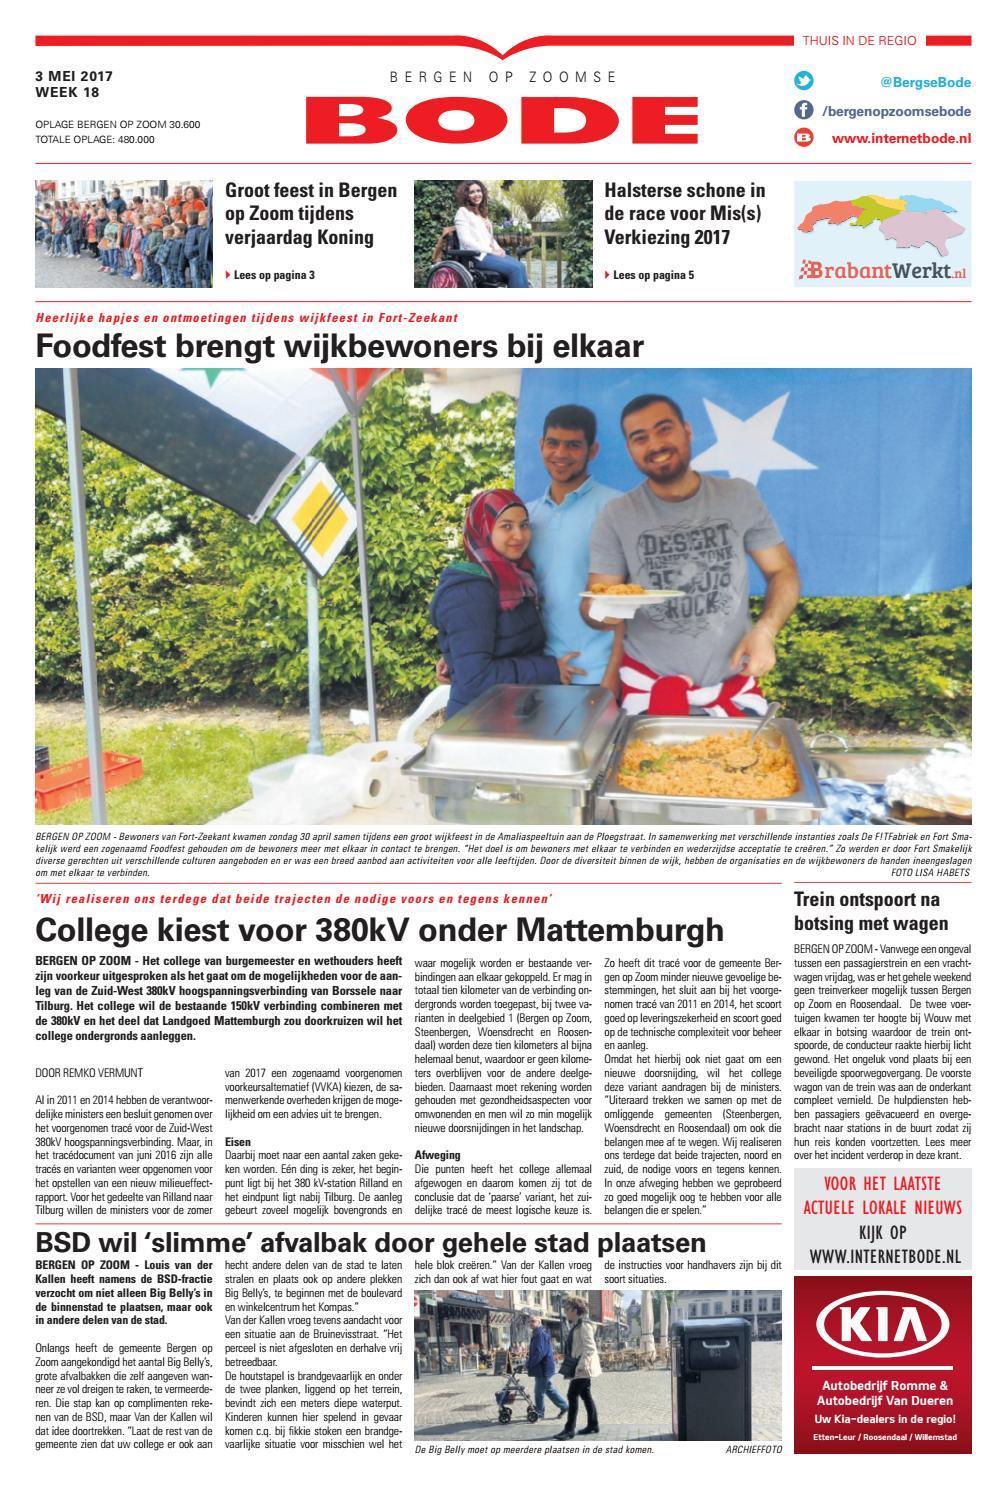 Autobedrijf Nathasja bergen op zoomse bode 03-05-2017uitgeverij de bode - issuu